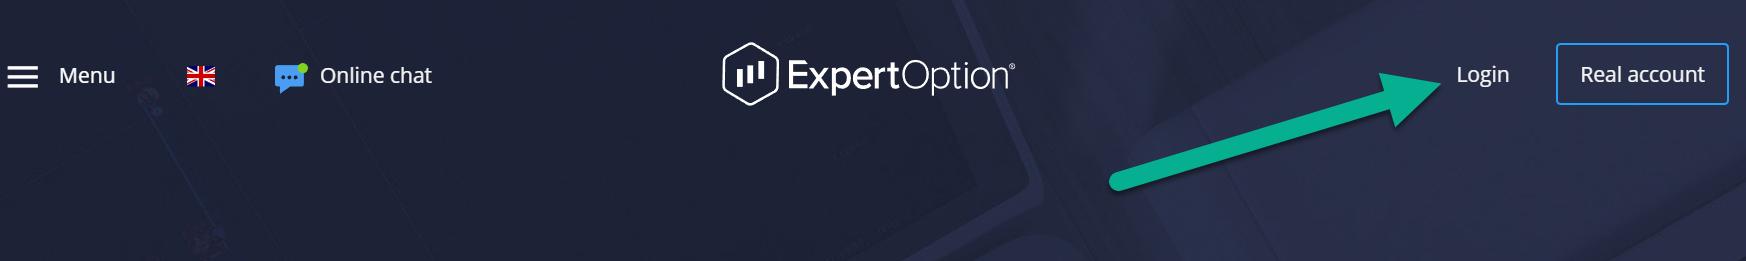 ExpertOption login deposit